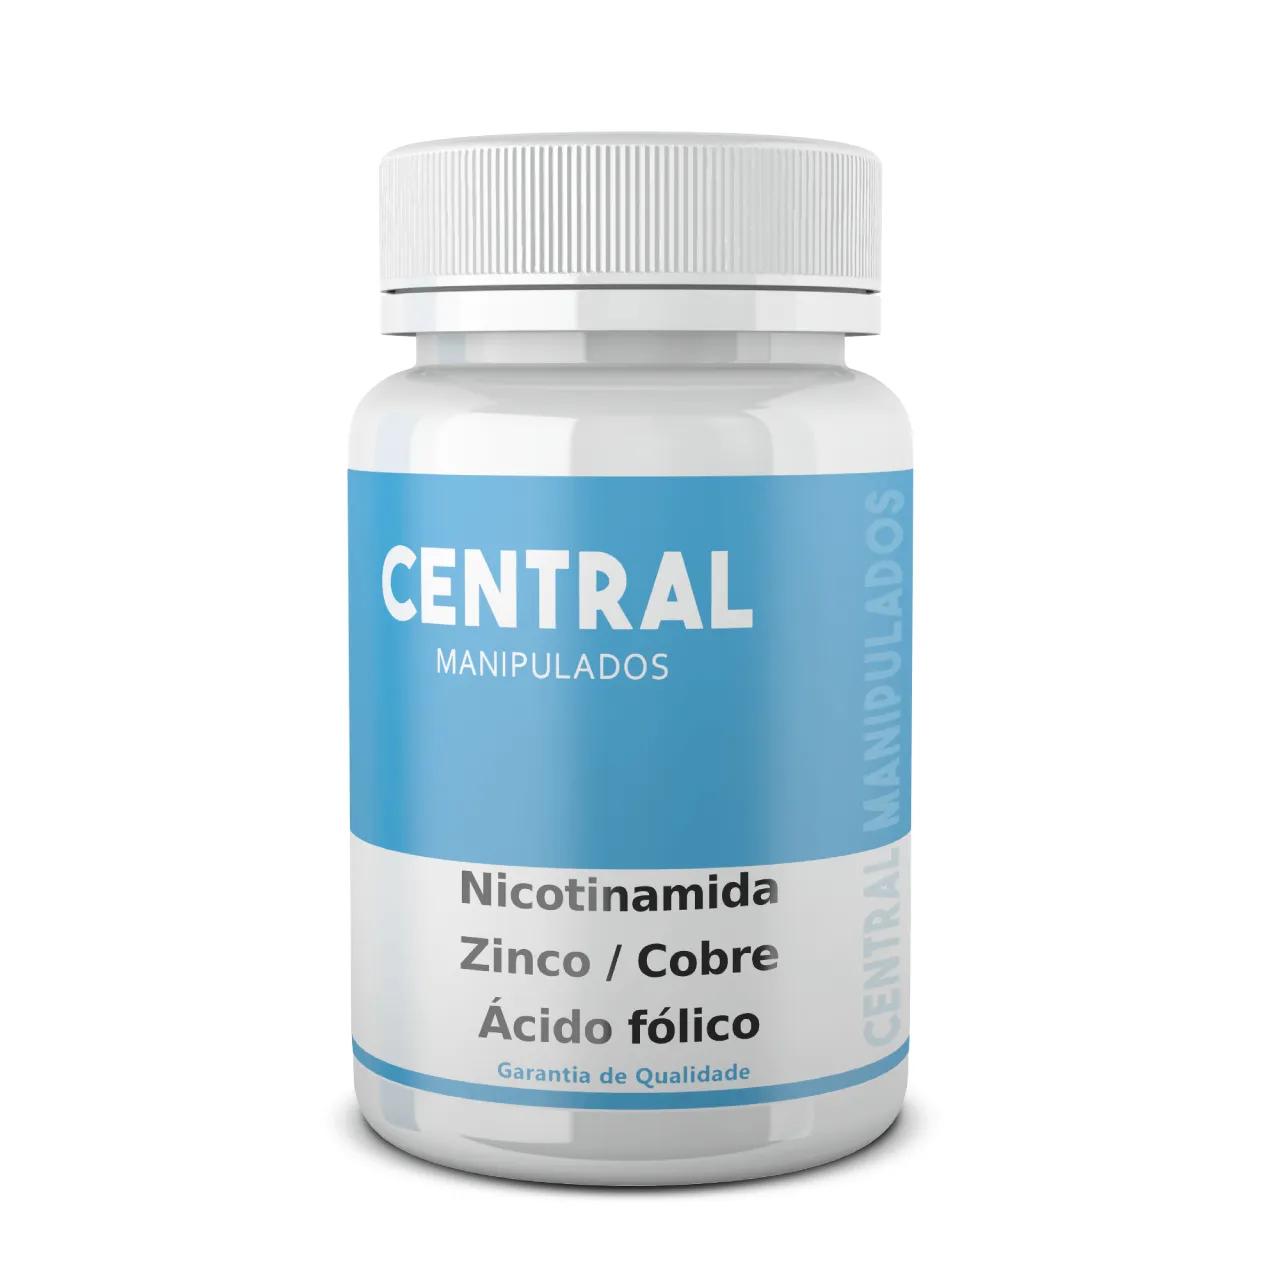 Nicotinamida 100mg + Zinco 25mg + Cobre 3 mg + Ácido fólico 500mcg - 90 cápsulas - Anti Acne